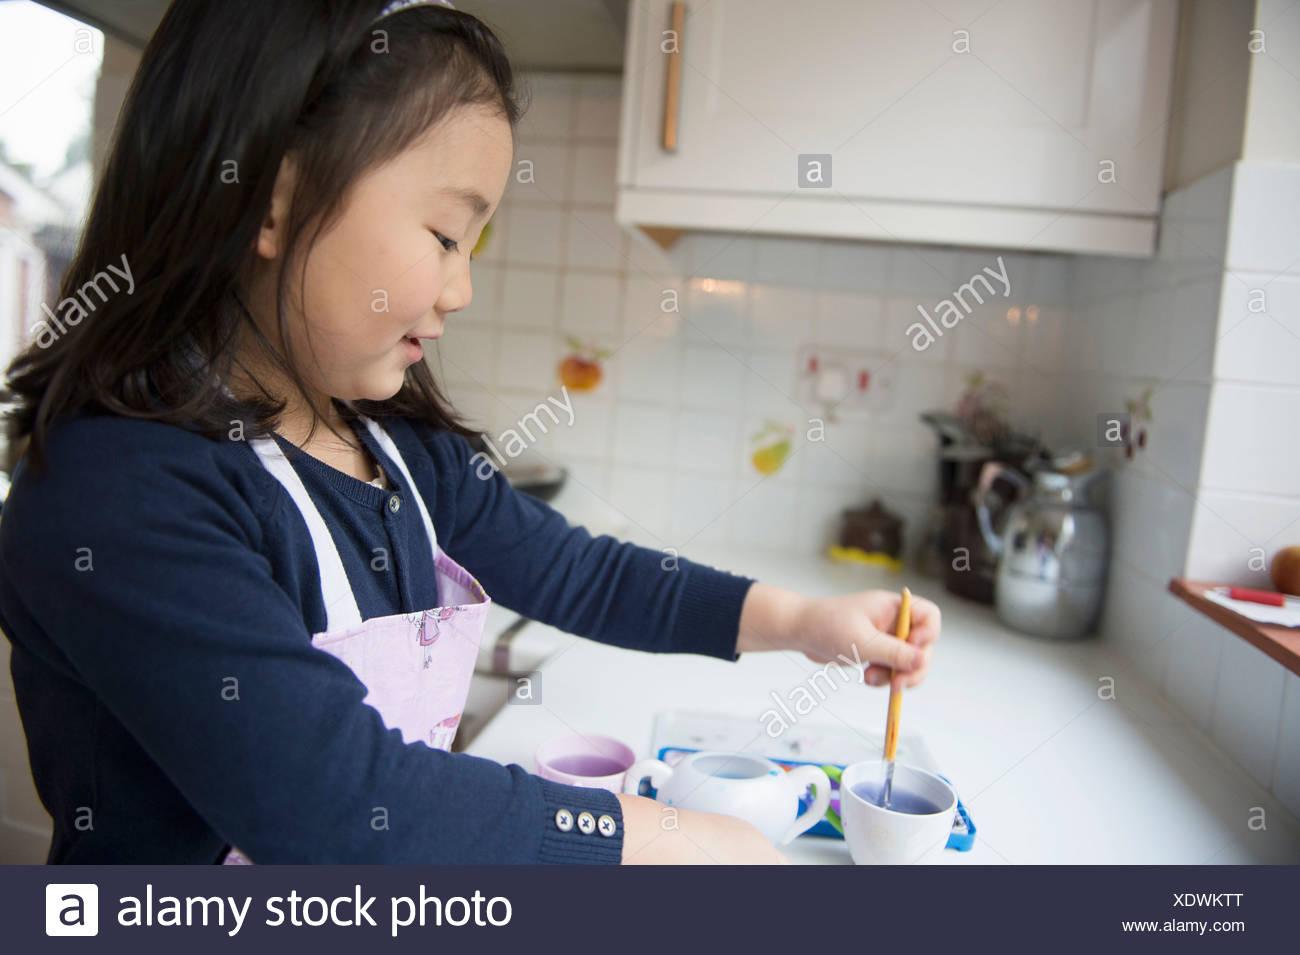 Ragazza giovane immergendo il pennello nella coppa del separatore di condensa in cucina Immagini Stock